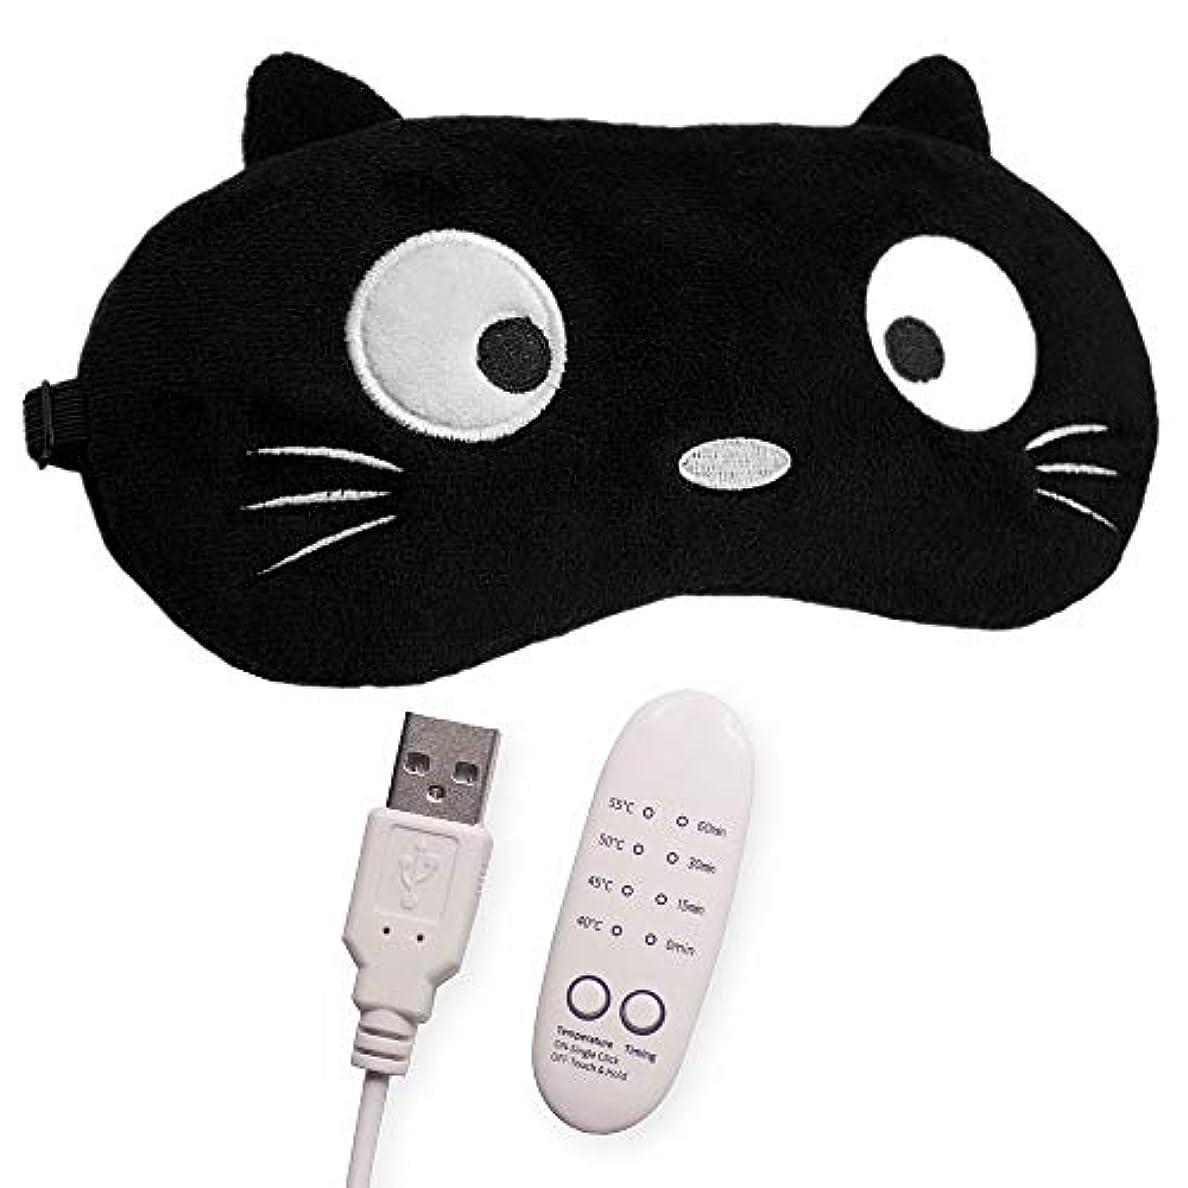 排気悲惨一人でAhaSky ホットアイマスク 蒸気 USB電熱式 遮光 水洗い 温度とタイマー調節可能 睡眠改善 ストレス解消 日本語説明書付き ギフト包装